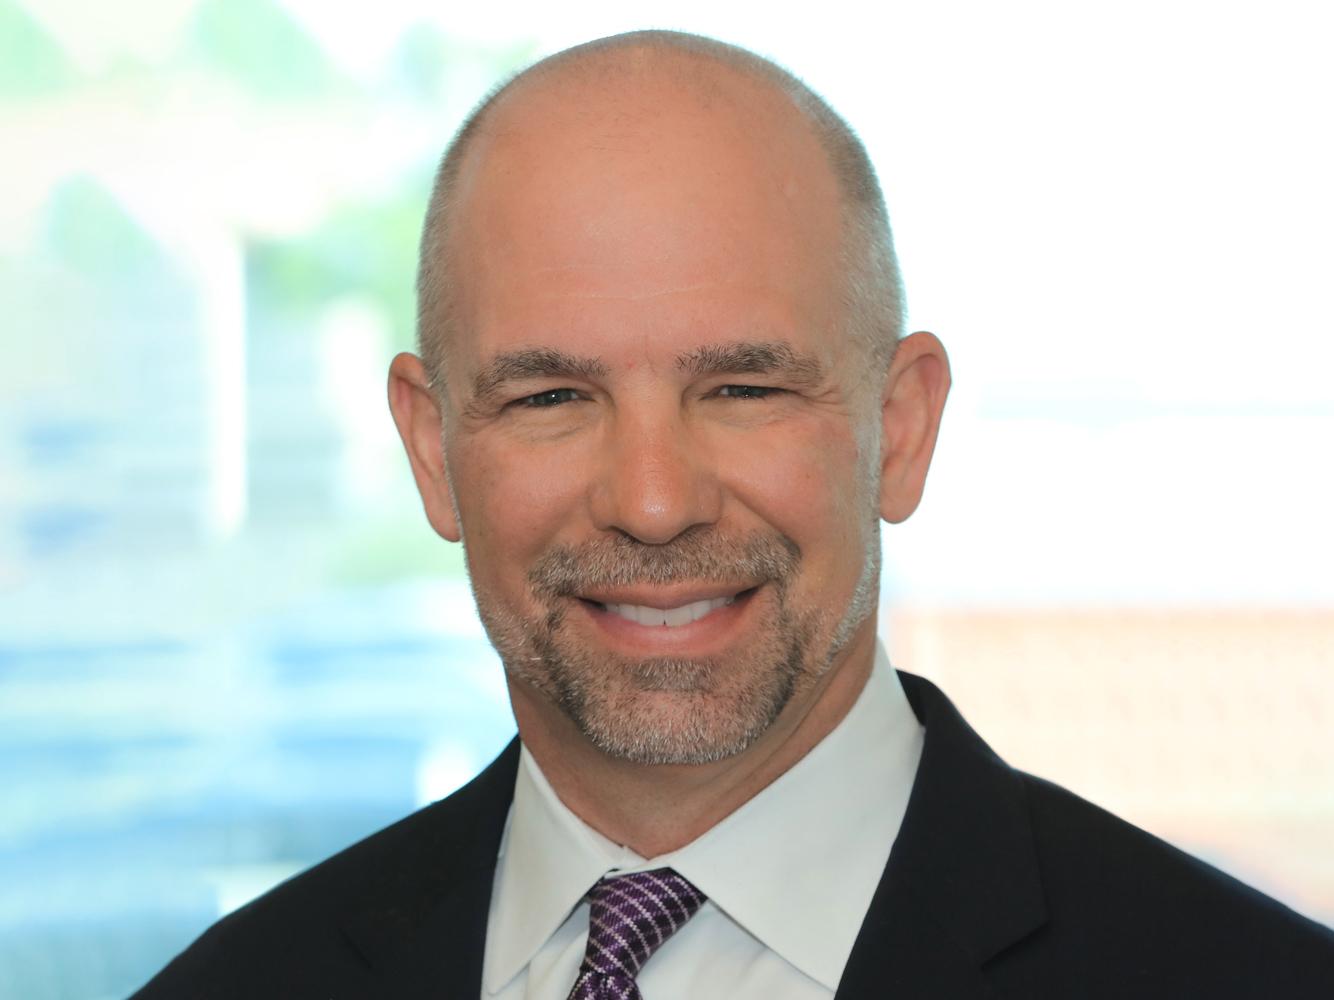 Joe Derhake, CEO of Partner Engineering and Science